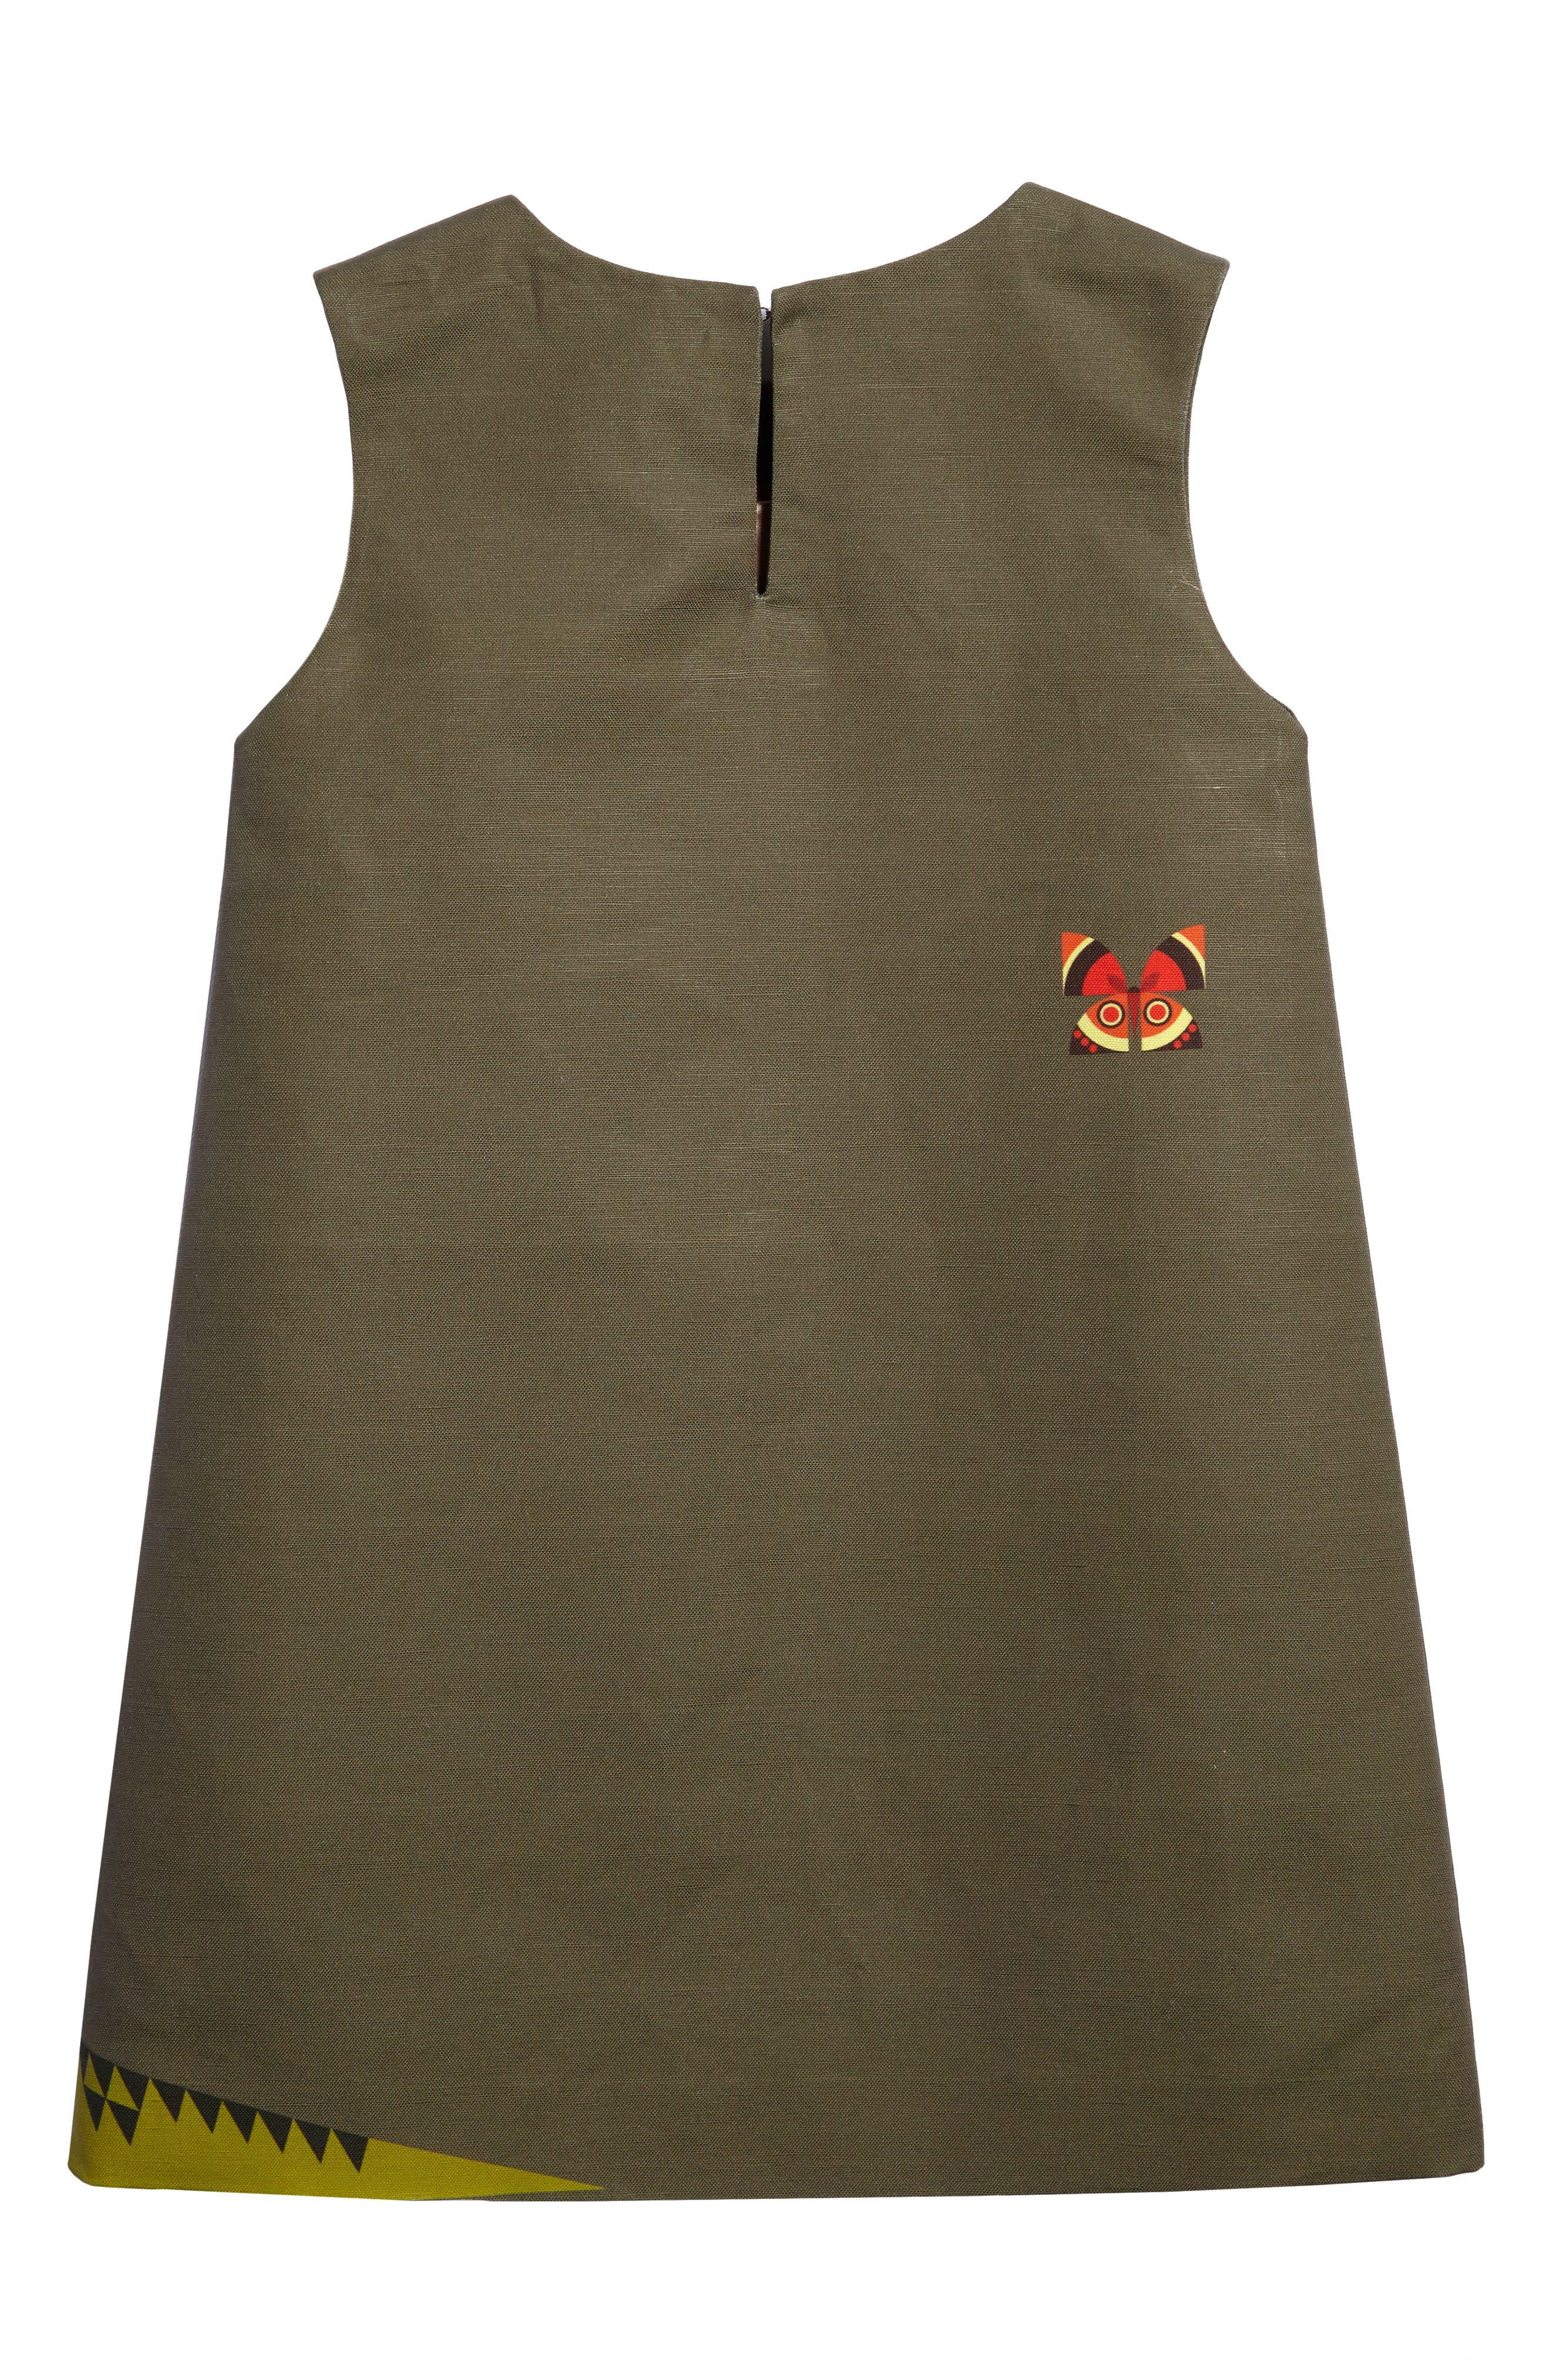 Menagerie A-Line Dress,                             Alternate thumbnail 2, color,                             300